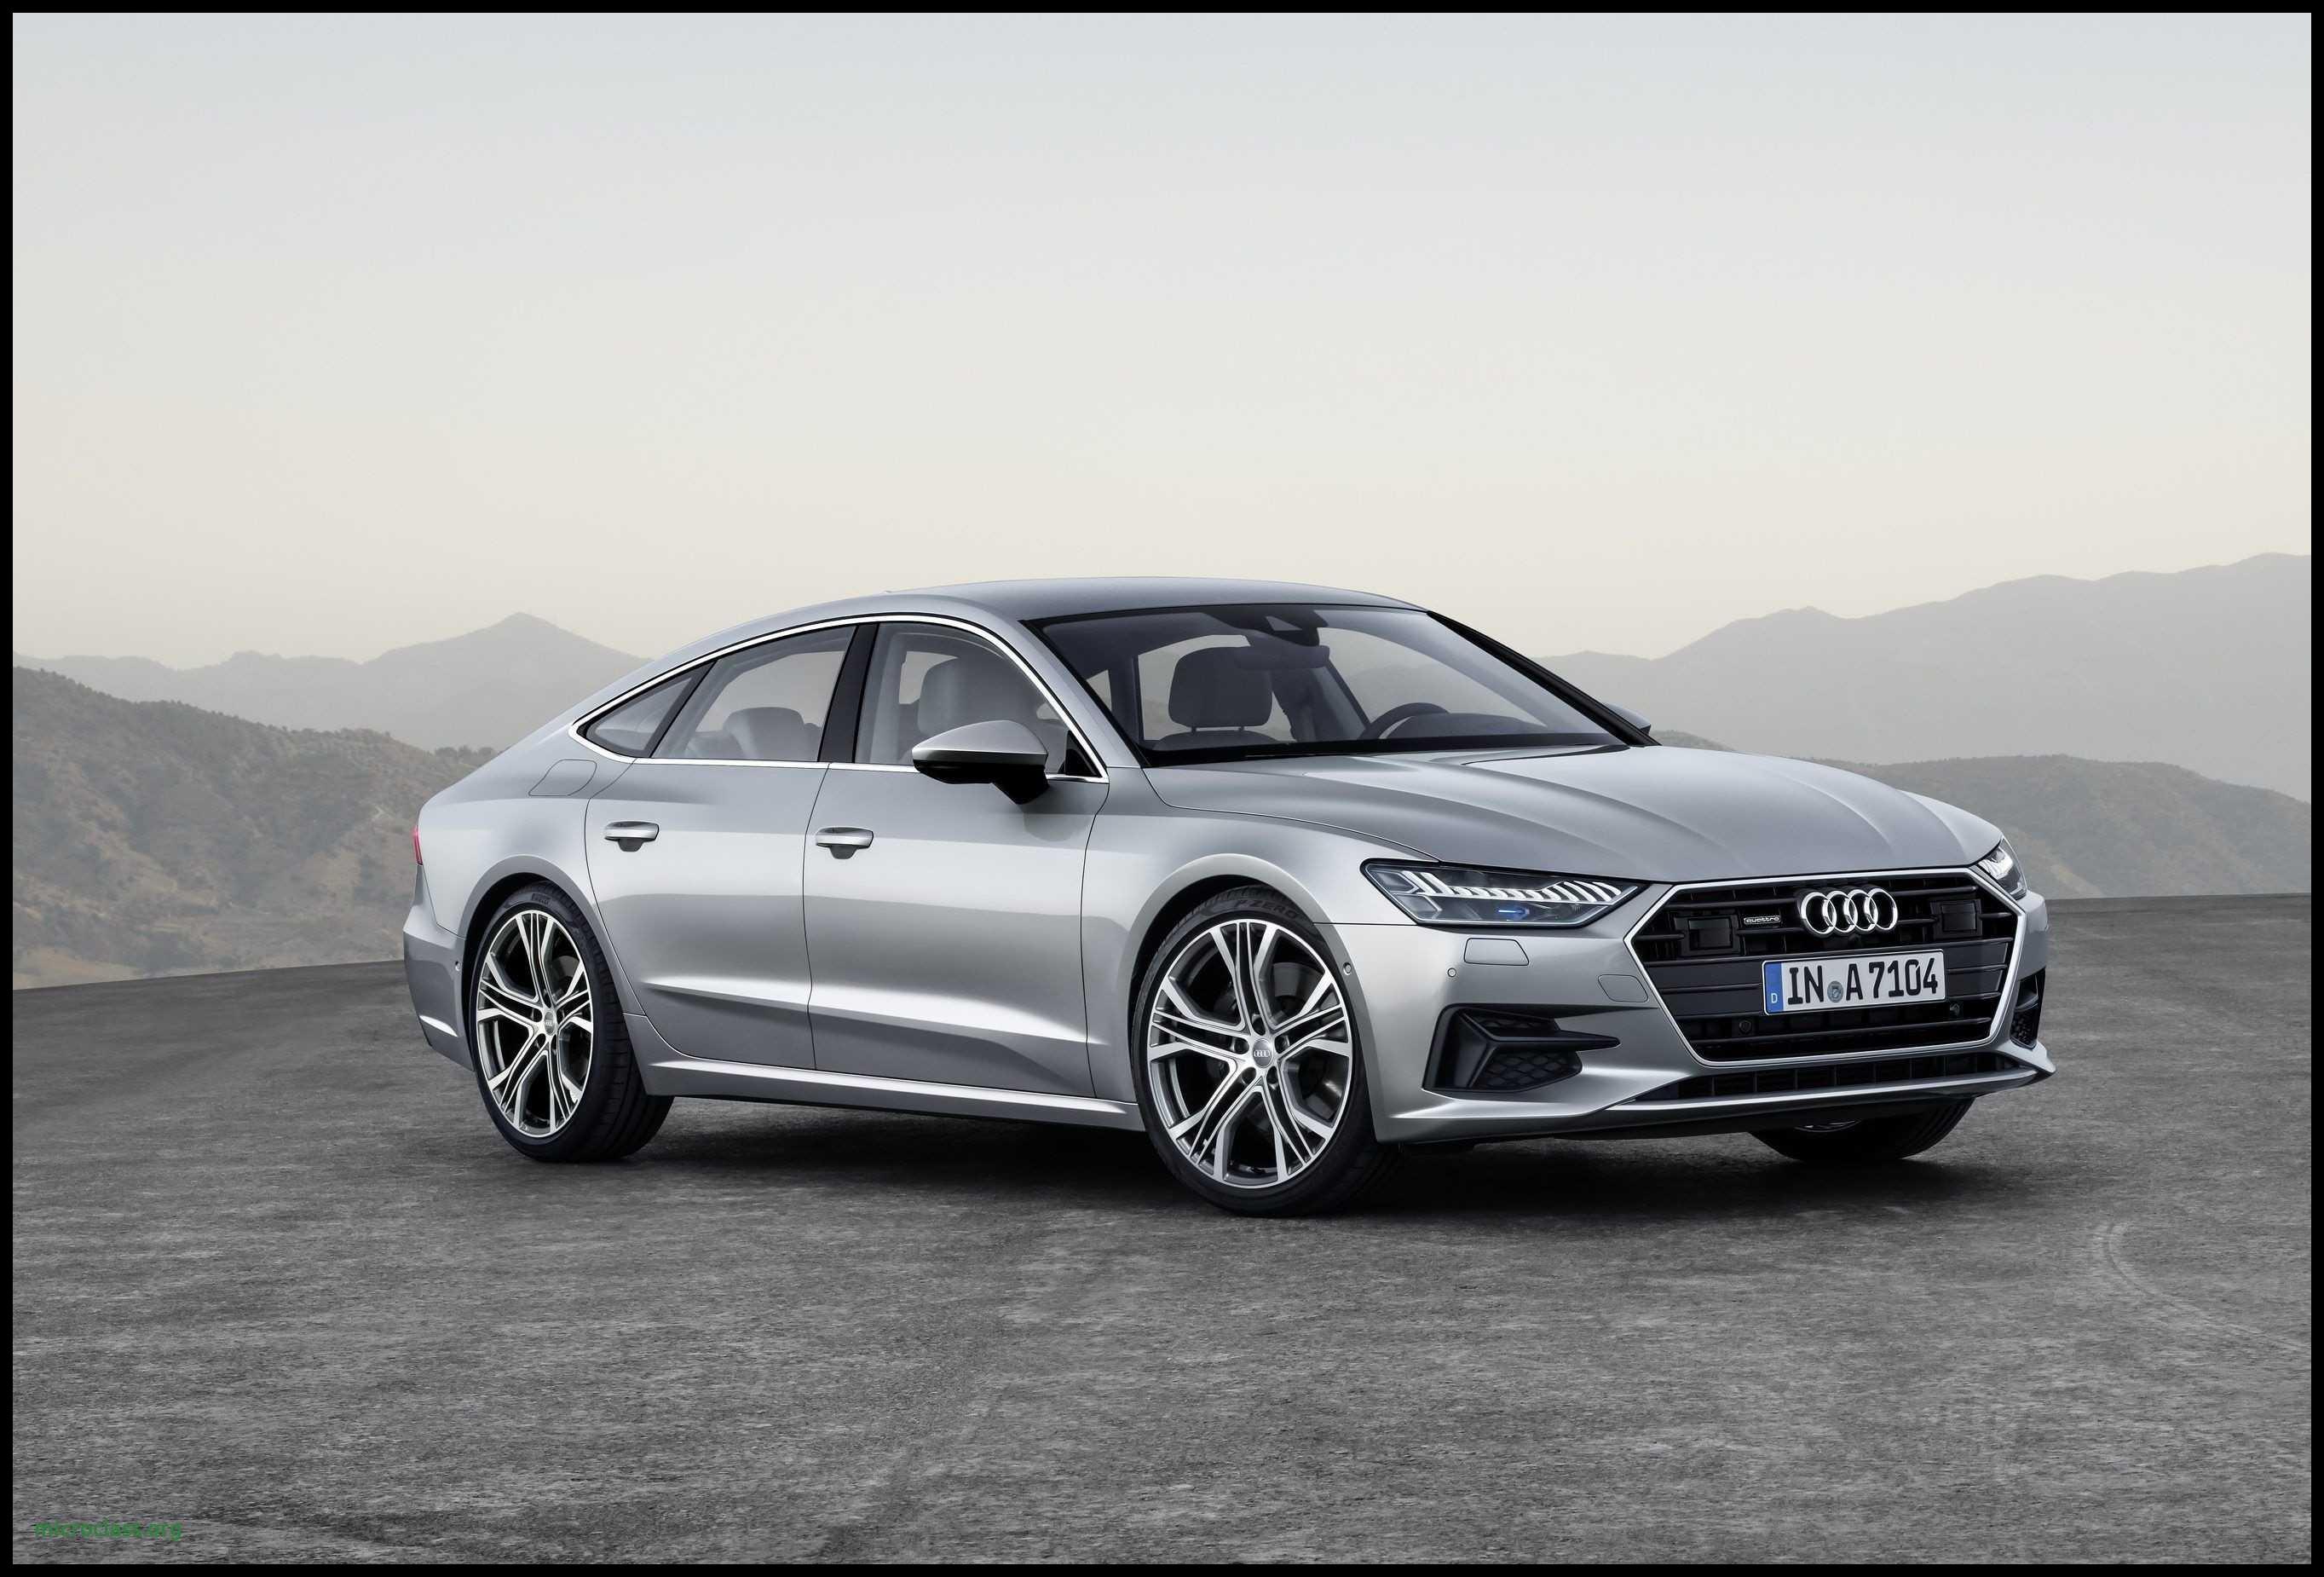 2019 Audi A7 Hot A7 2019 2019 Jaguar Xf R Sport 2 0d Review Spy Elegant